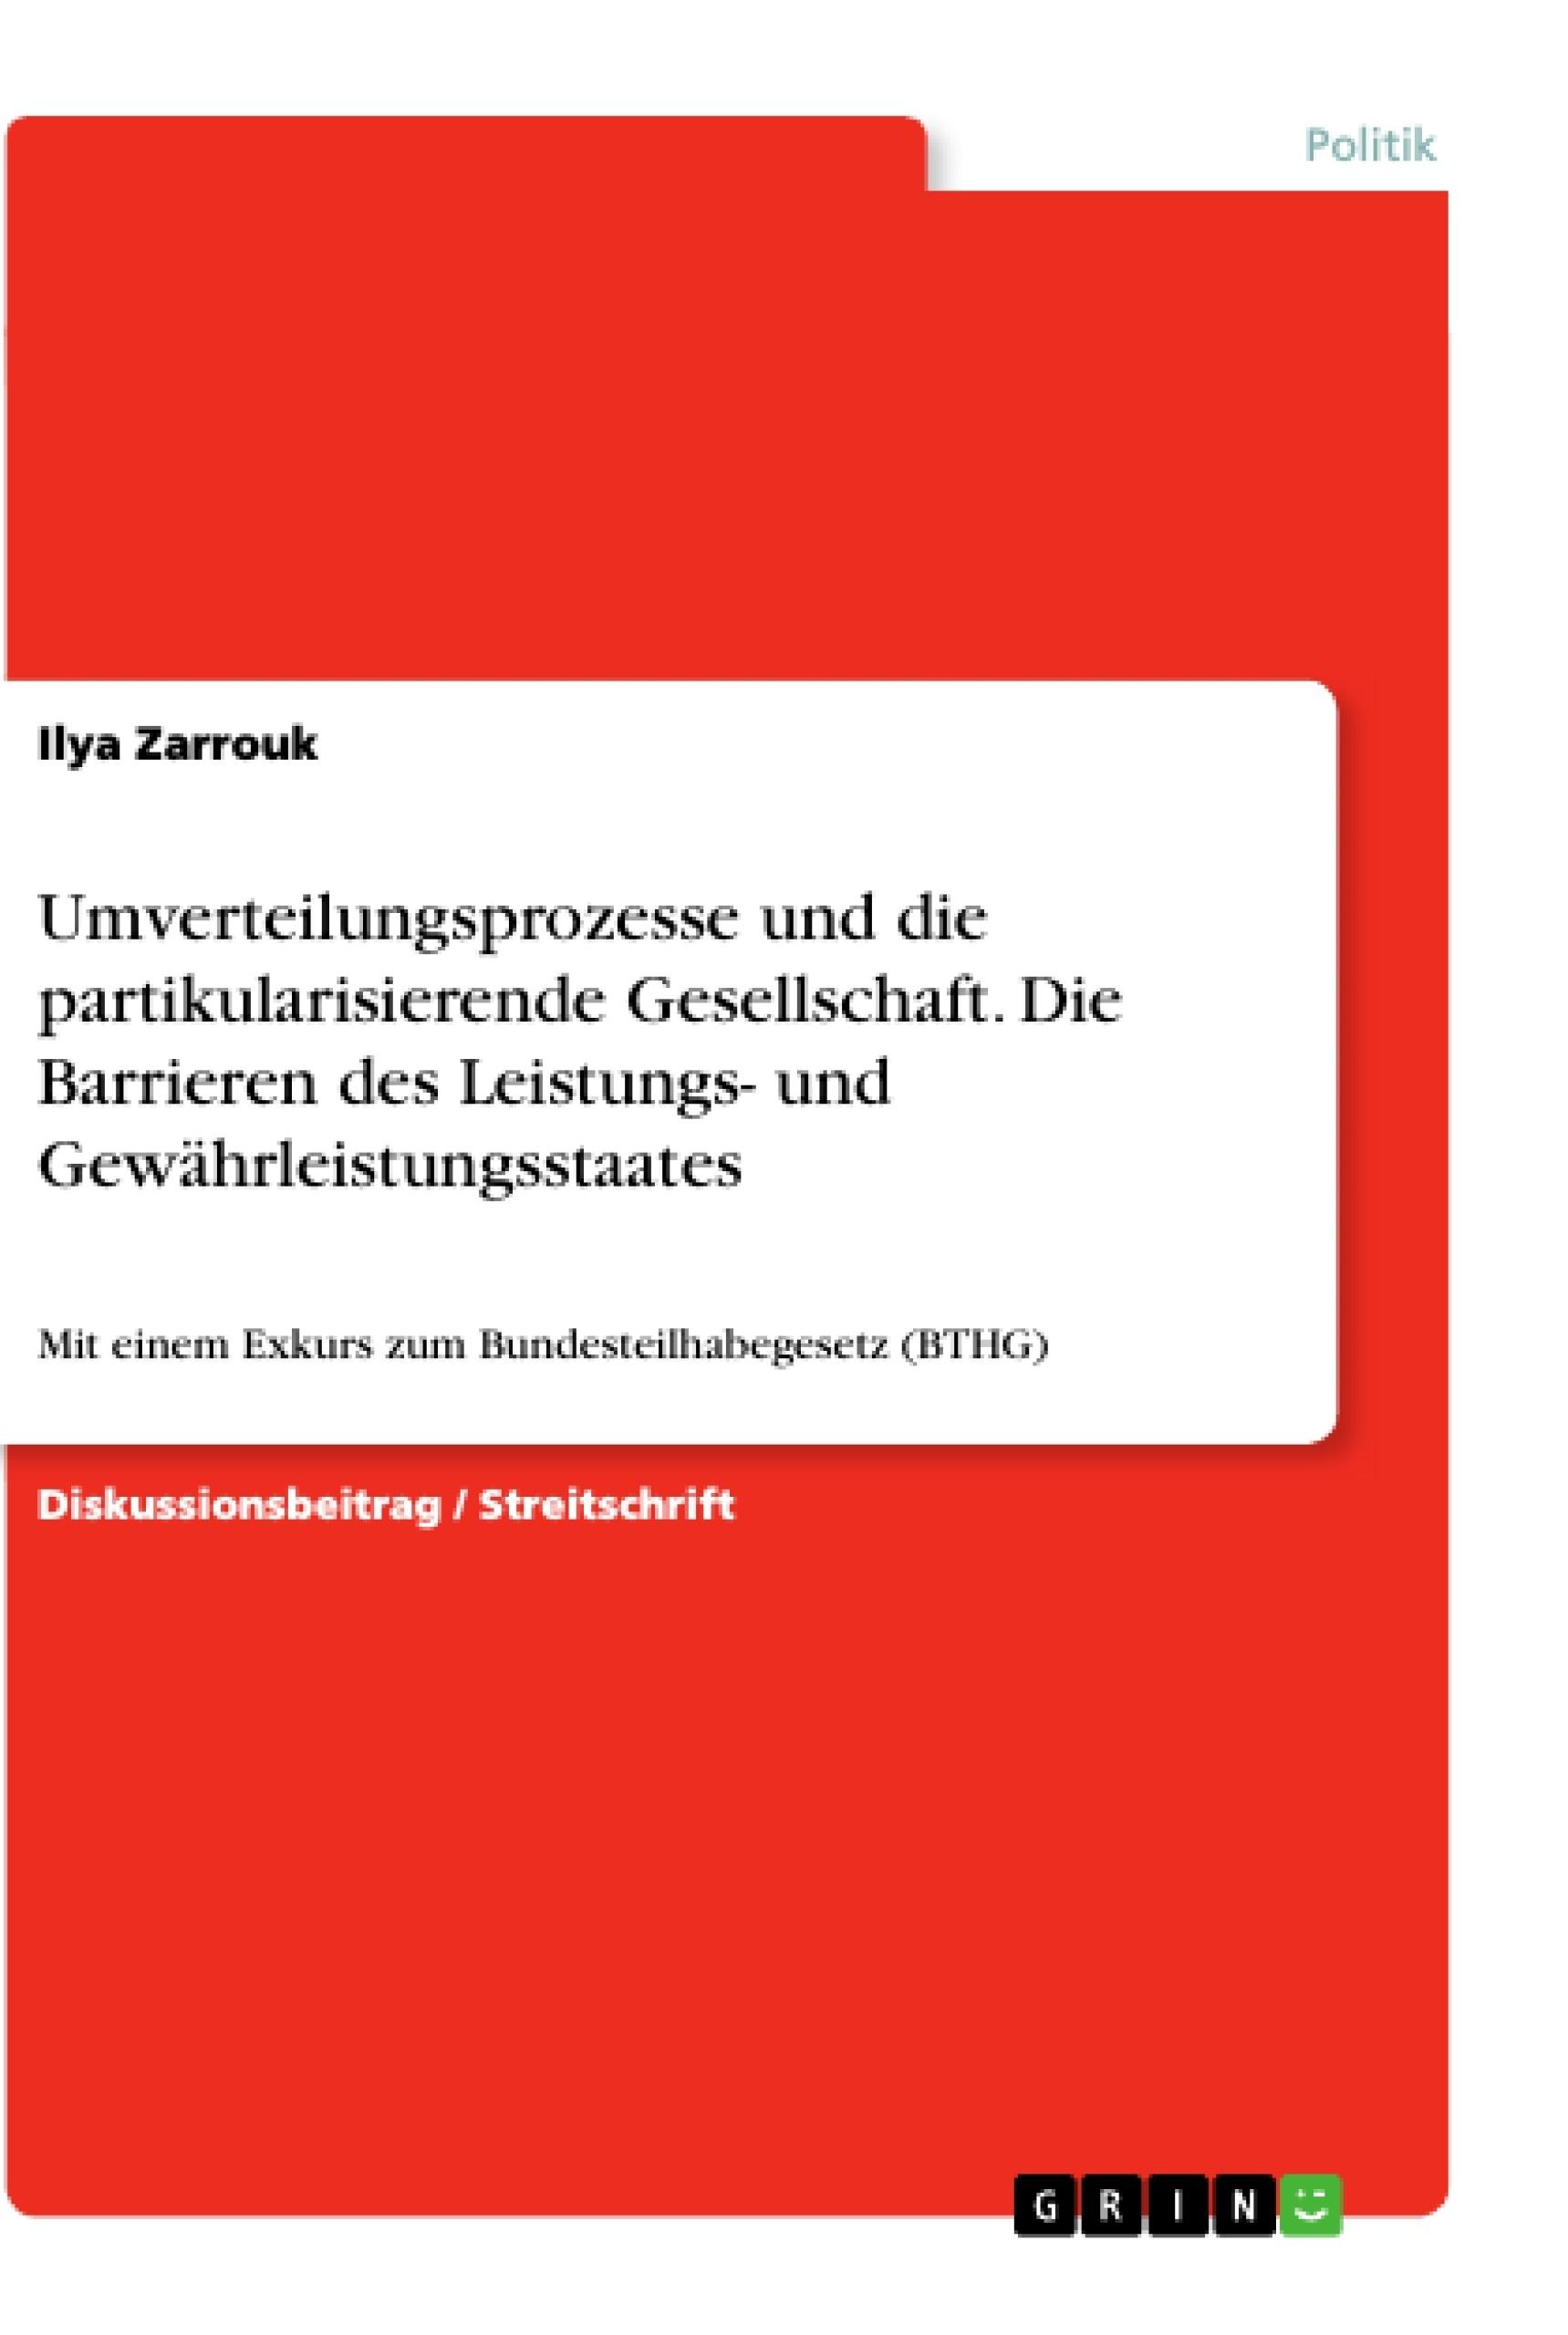 Titel: Umverteilungsprozesse und die partikularisierende Gesellschaft. Die Barrieren des Leistungs- und Gewährleistungsstaates